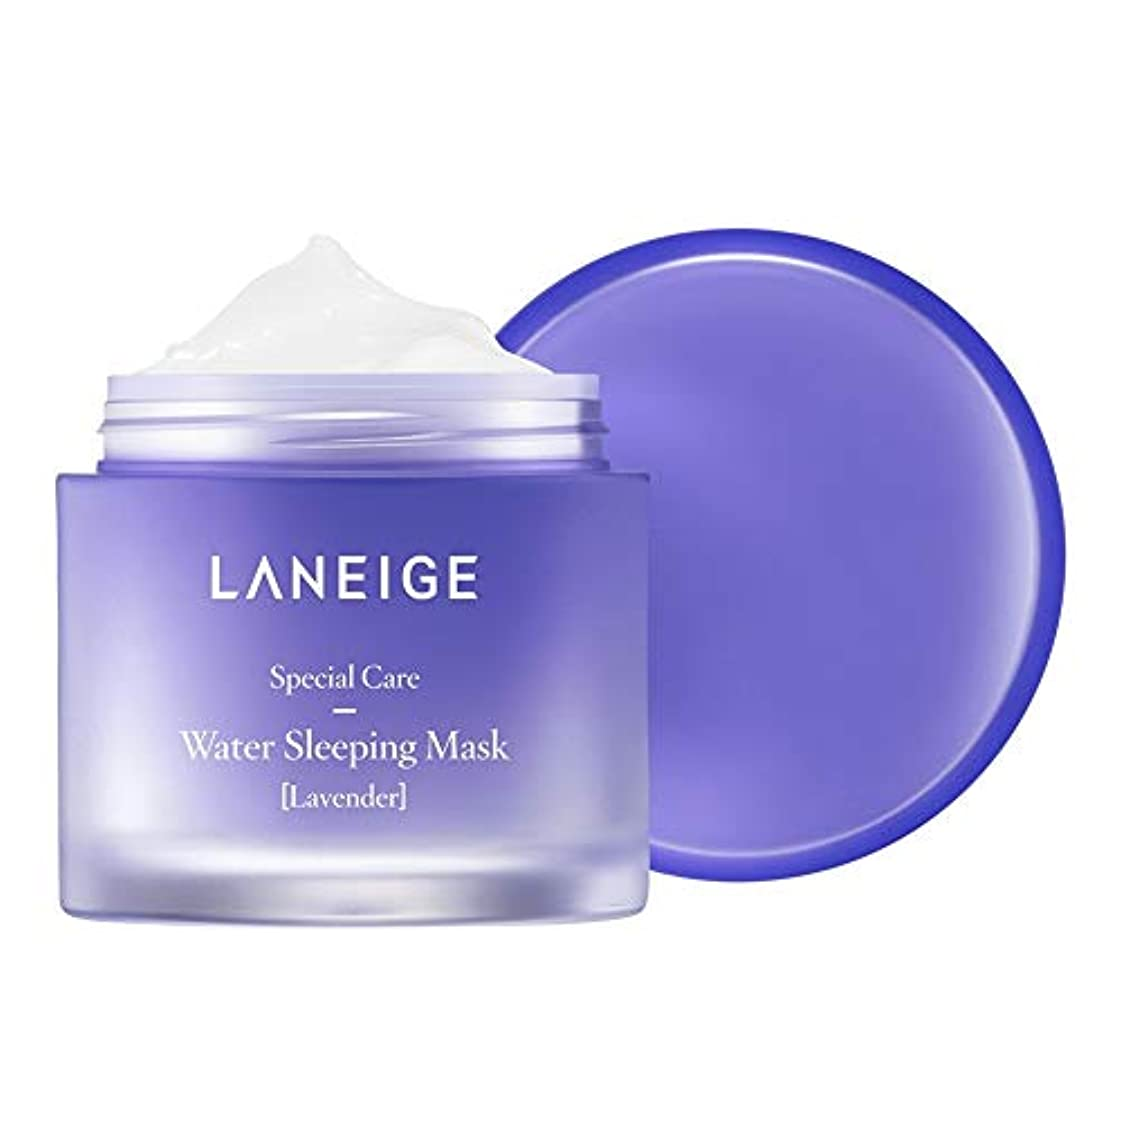 国際動力学フライカイトLANEIGE ラネージュ ウォータースリーピング マスク ラベンダー2017 New リフィルミーバージョン 70ml Water Sleeping Mask 2017 Lavender [海外直送品]